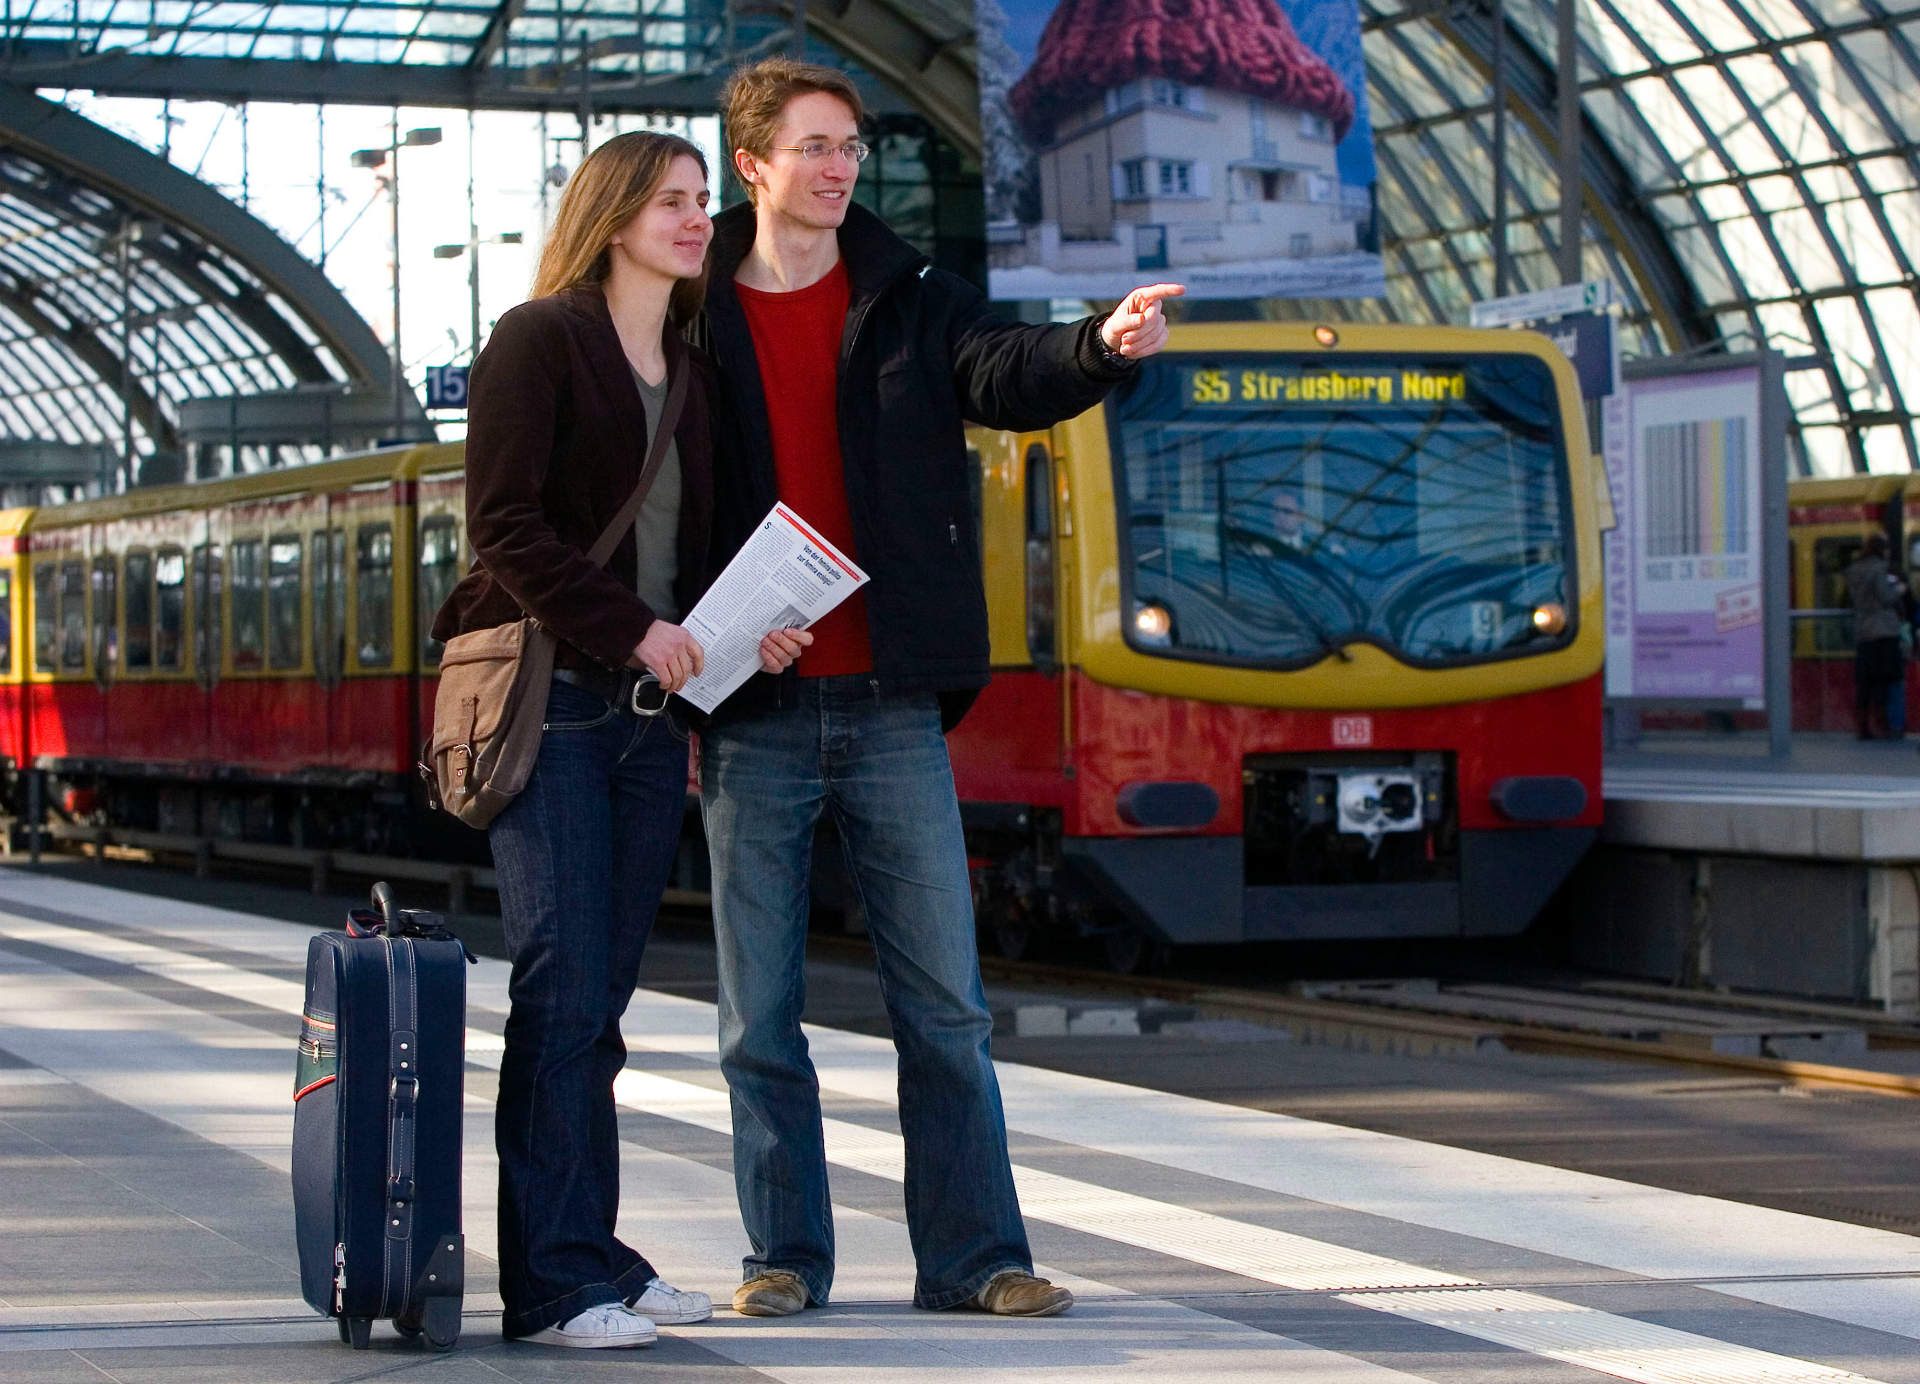 Reisende in Berlin Hbf nach deren Ankunft mit der Bahn